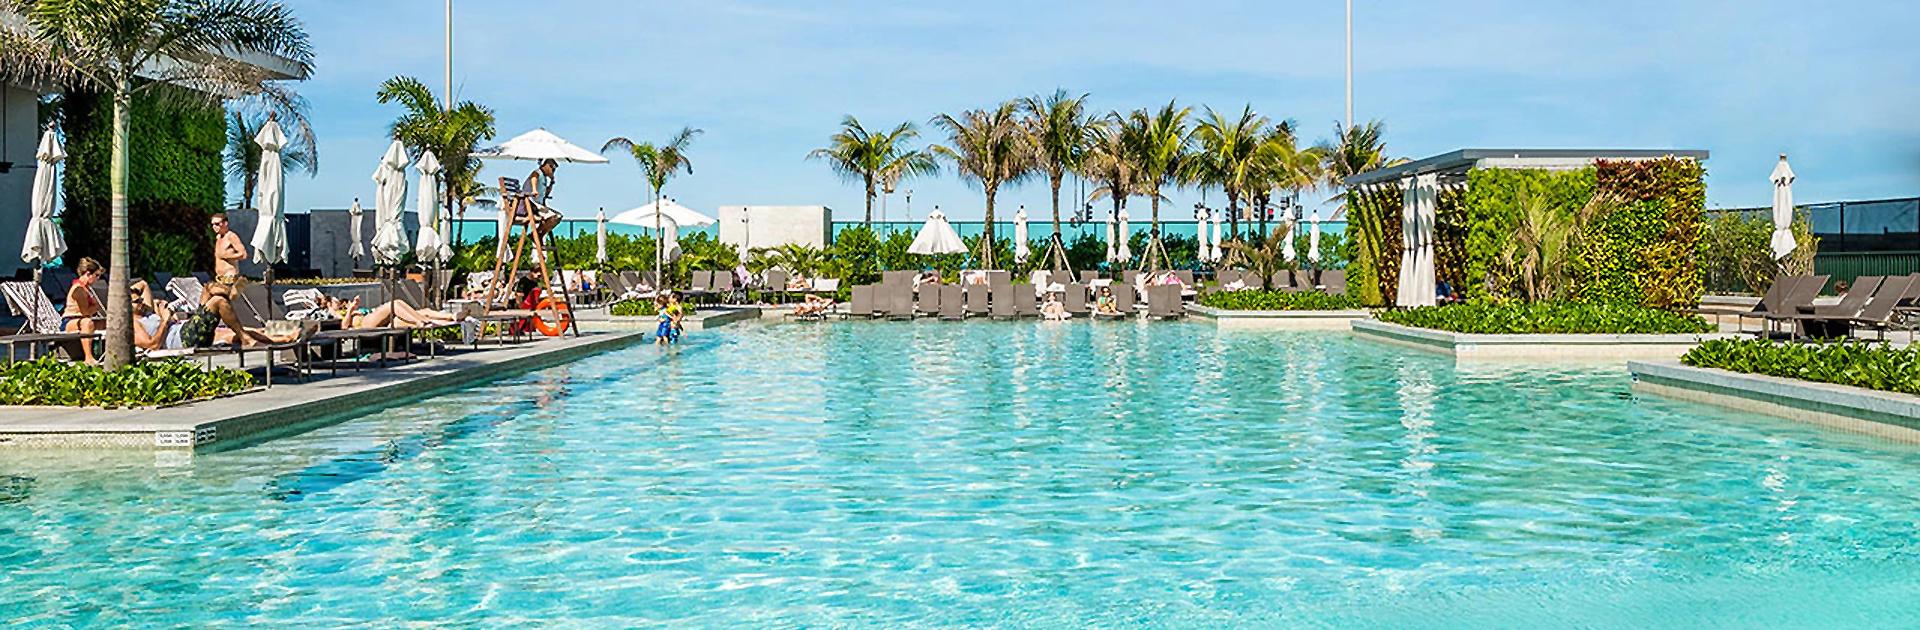 vista das piscinas do grand hyatt hotel